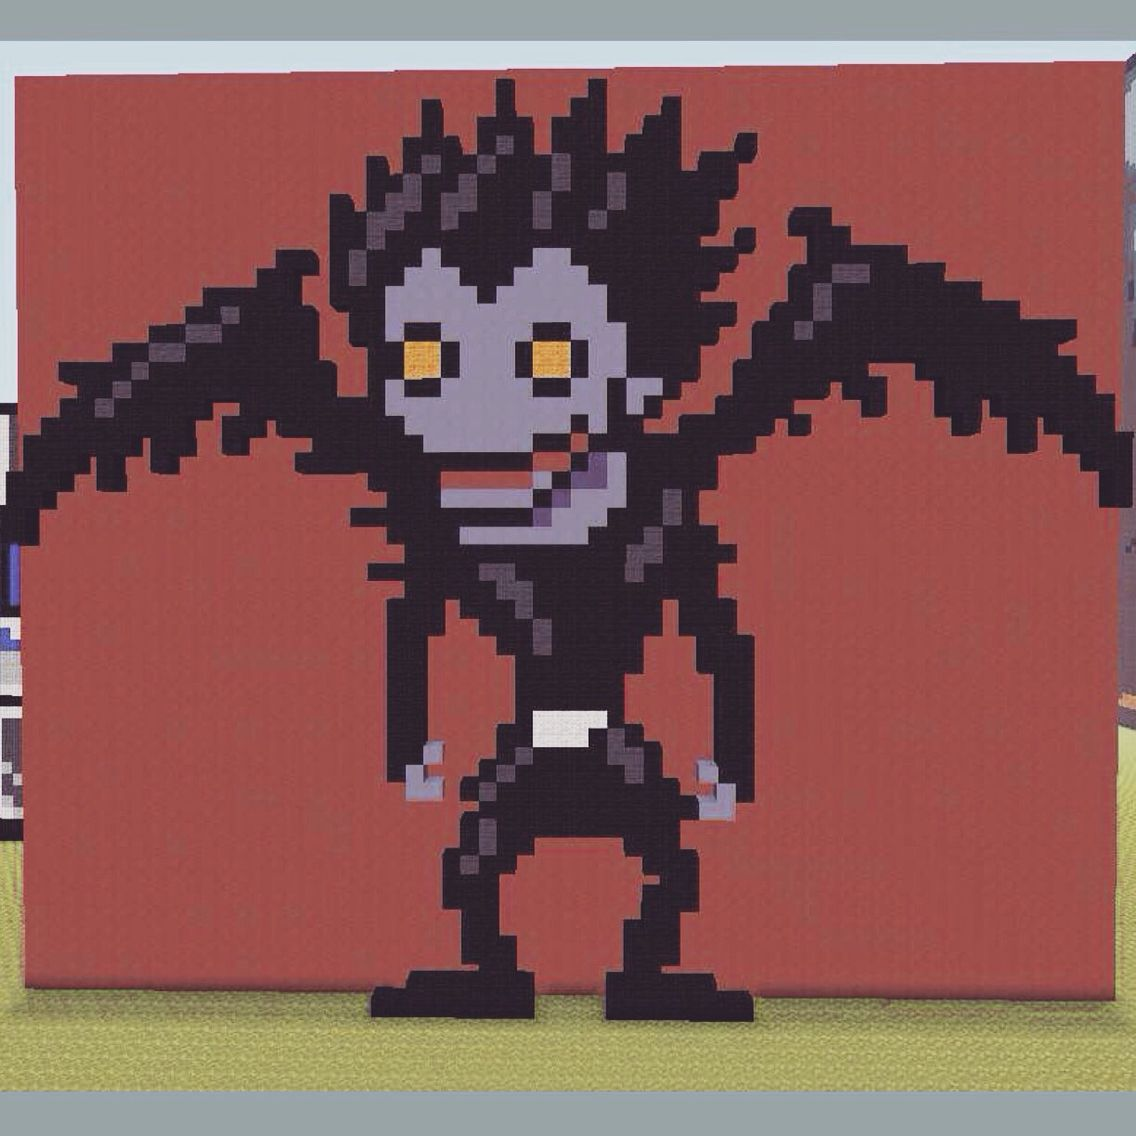 pixel art 5.1.2